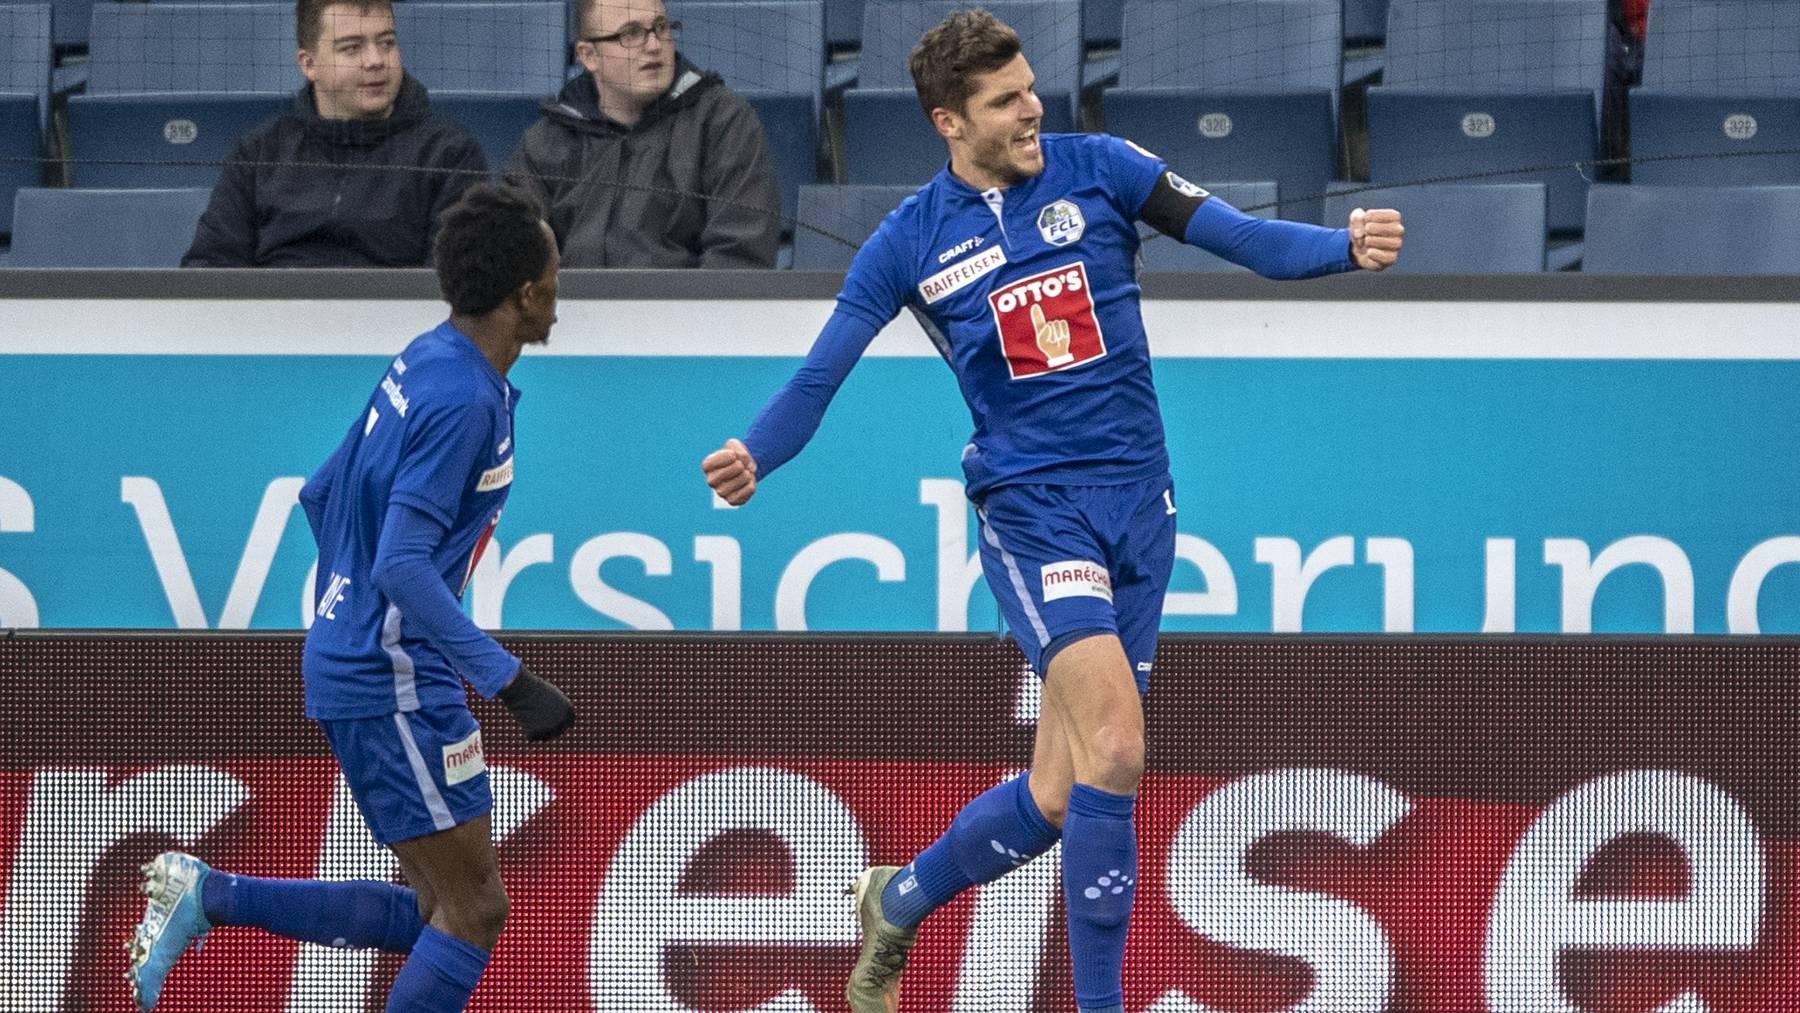 Pascal Schürpf (r.) unhd Ibrahima Ndiaye jubeln über einen Treffer gegen Basel.